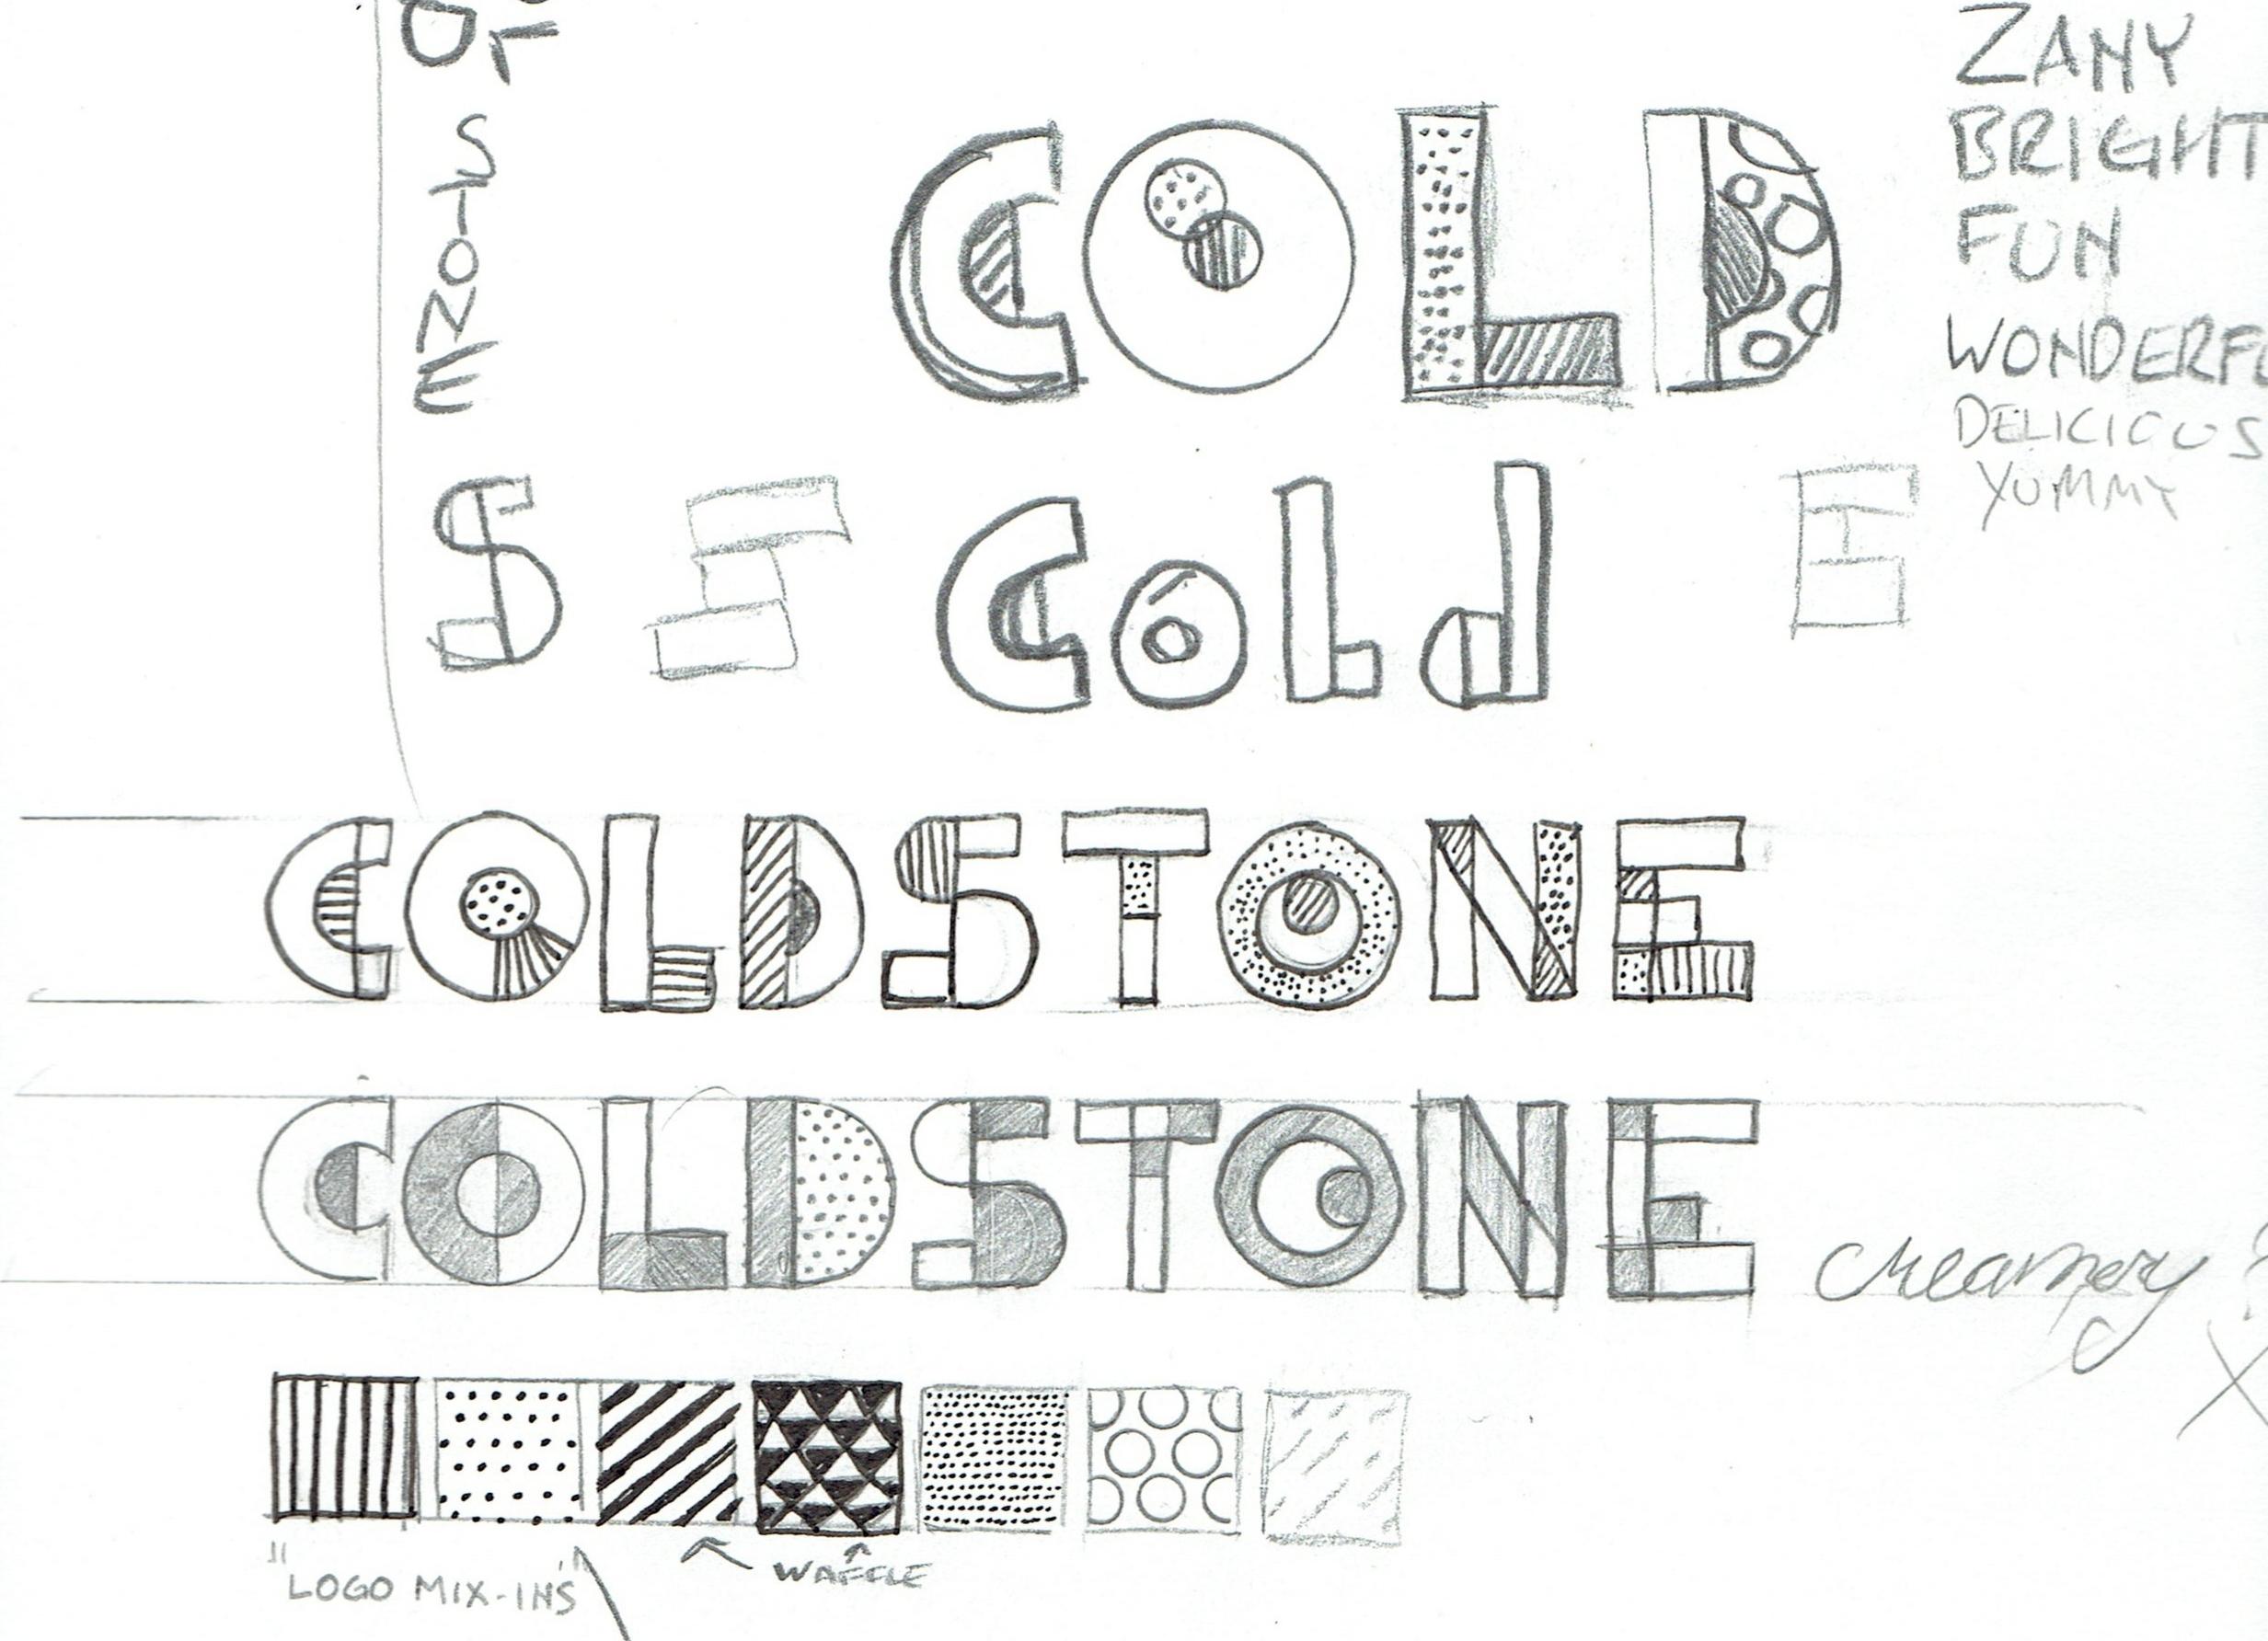 Cold Stone Creamery rebrand process sketches